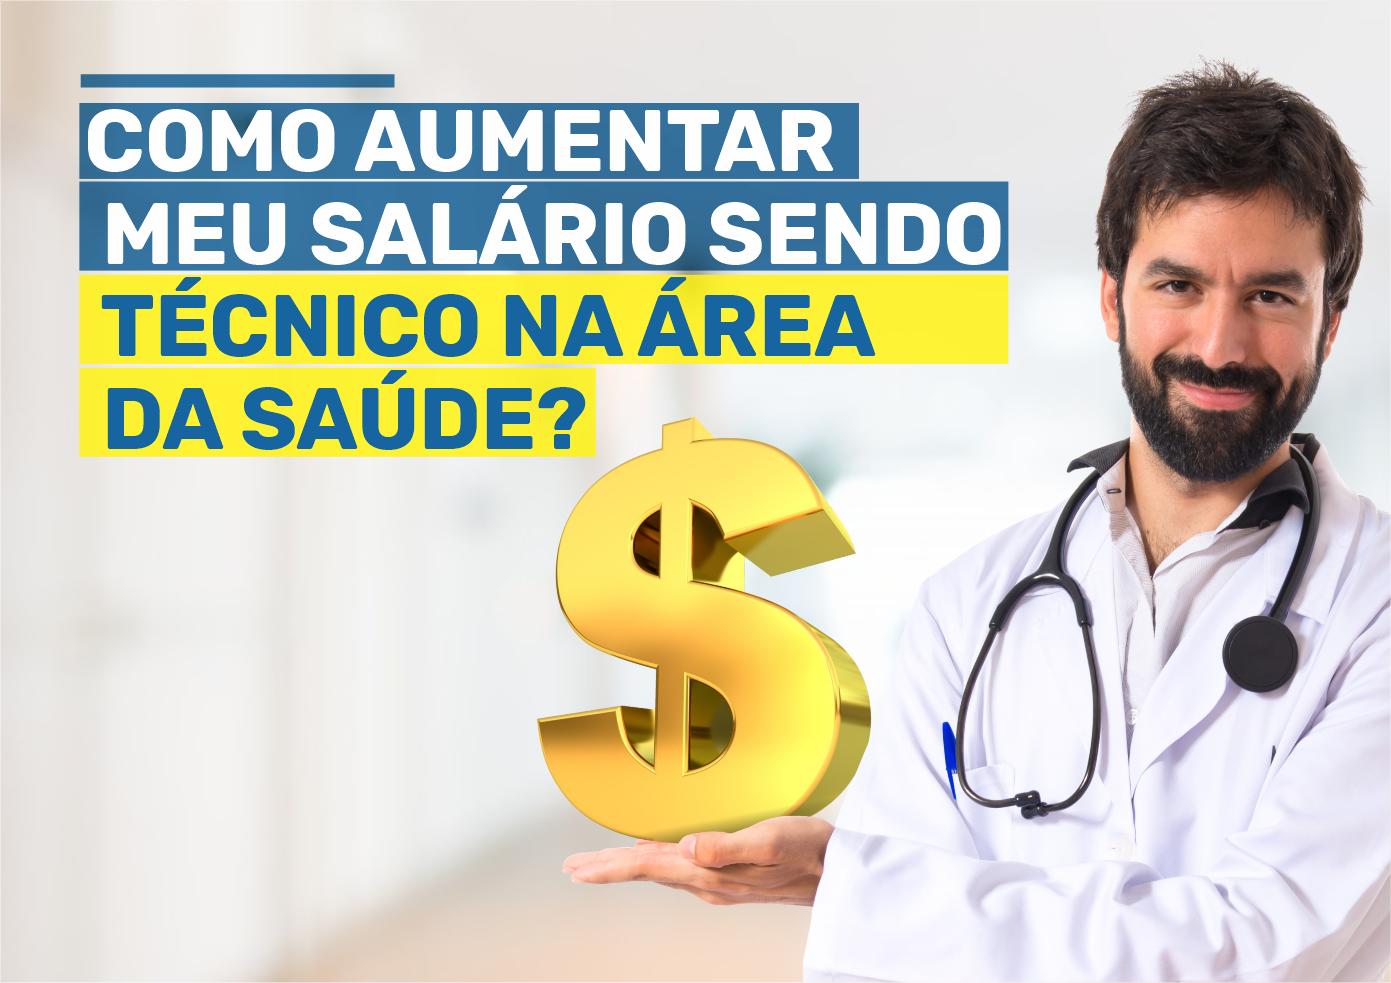 Como aumentar meu salário sendo técnico na área da saúde?